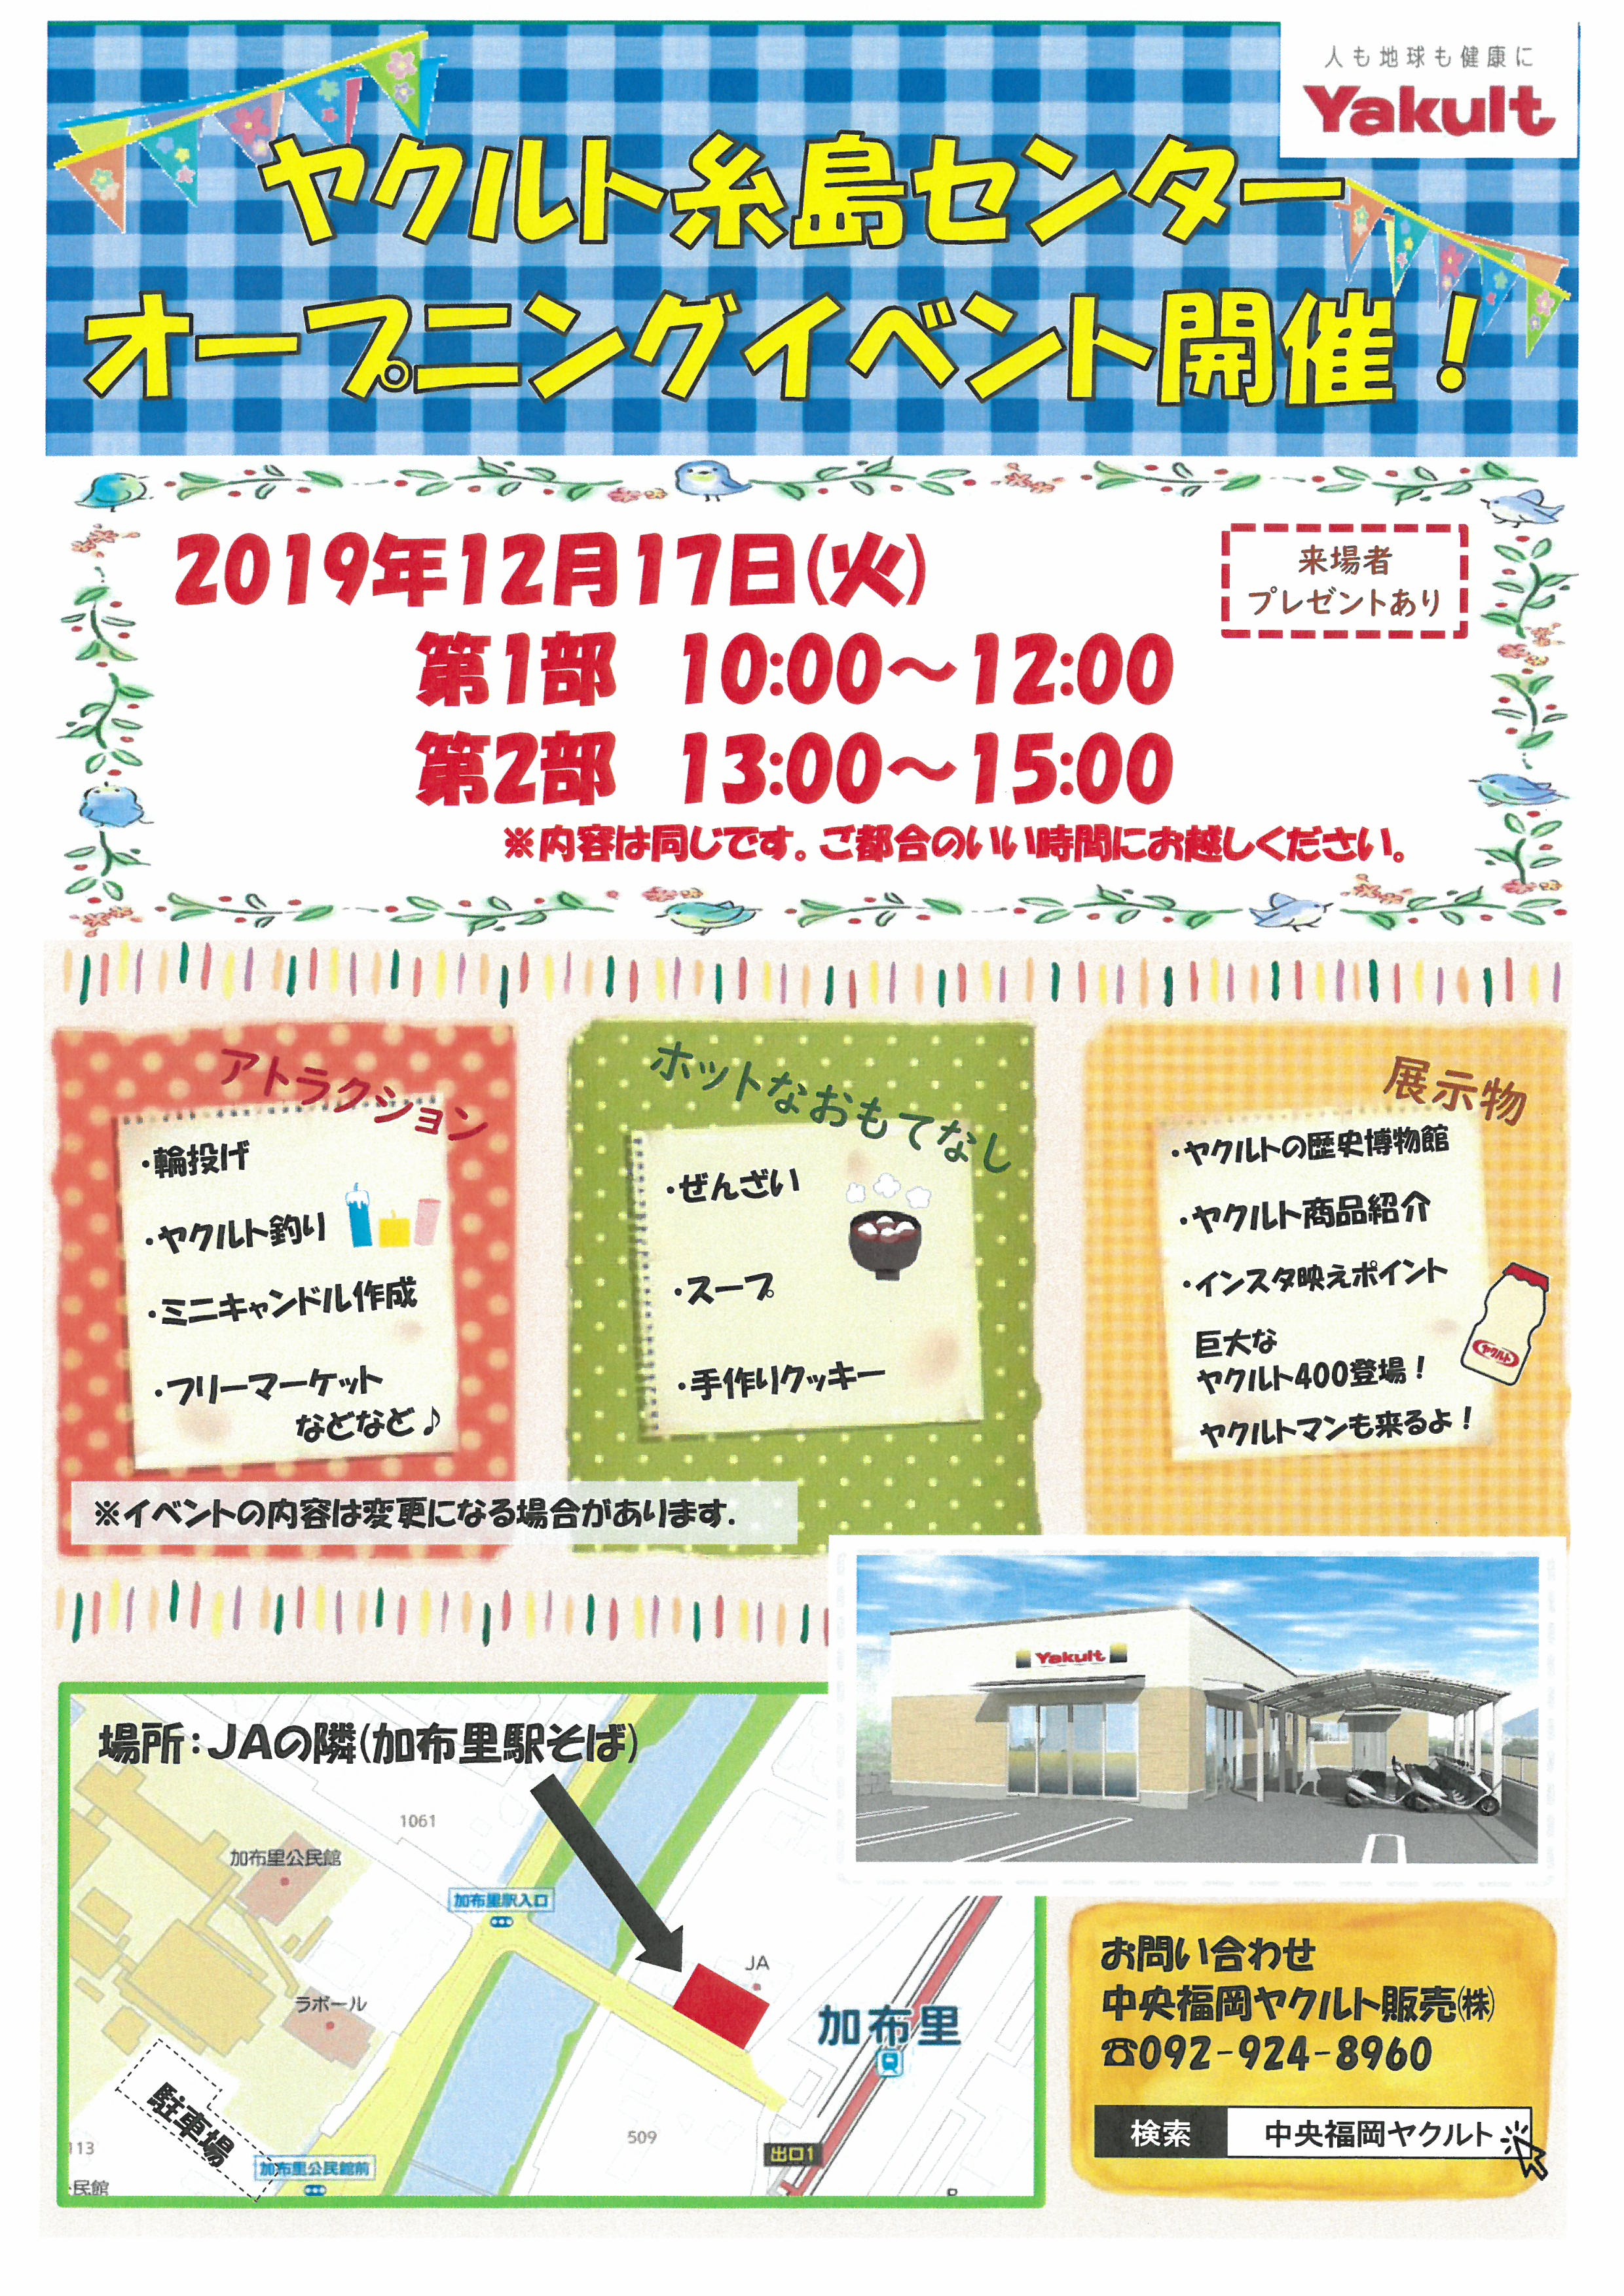 ヤクルト糸島センターオープニングイベント開催!